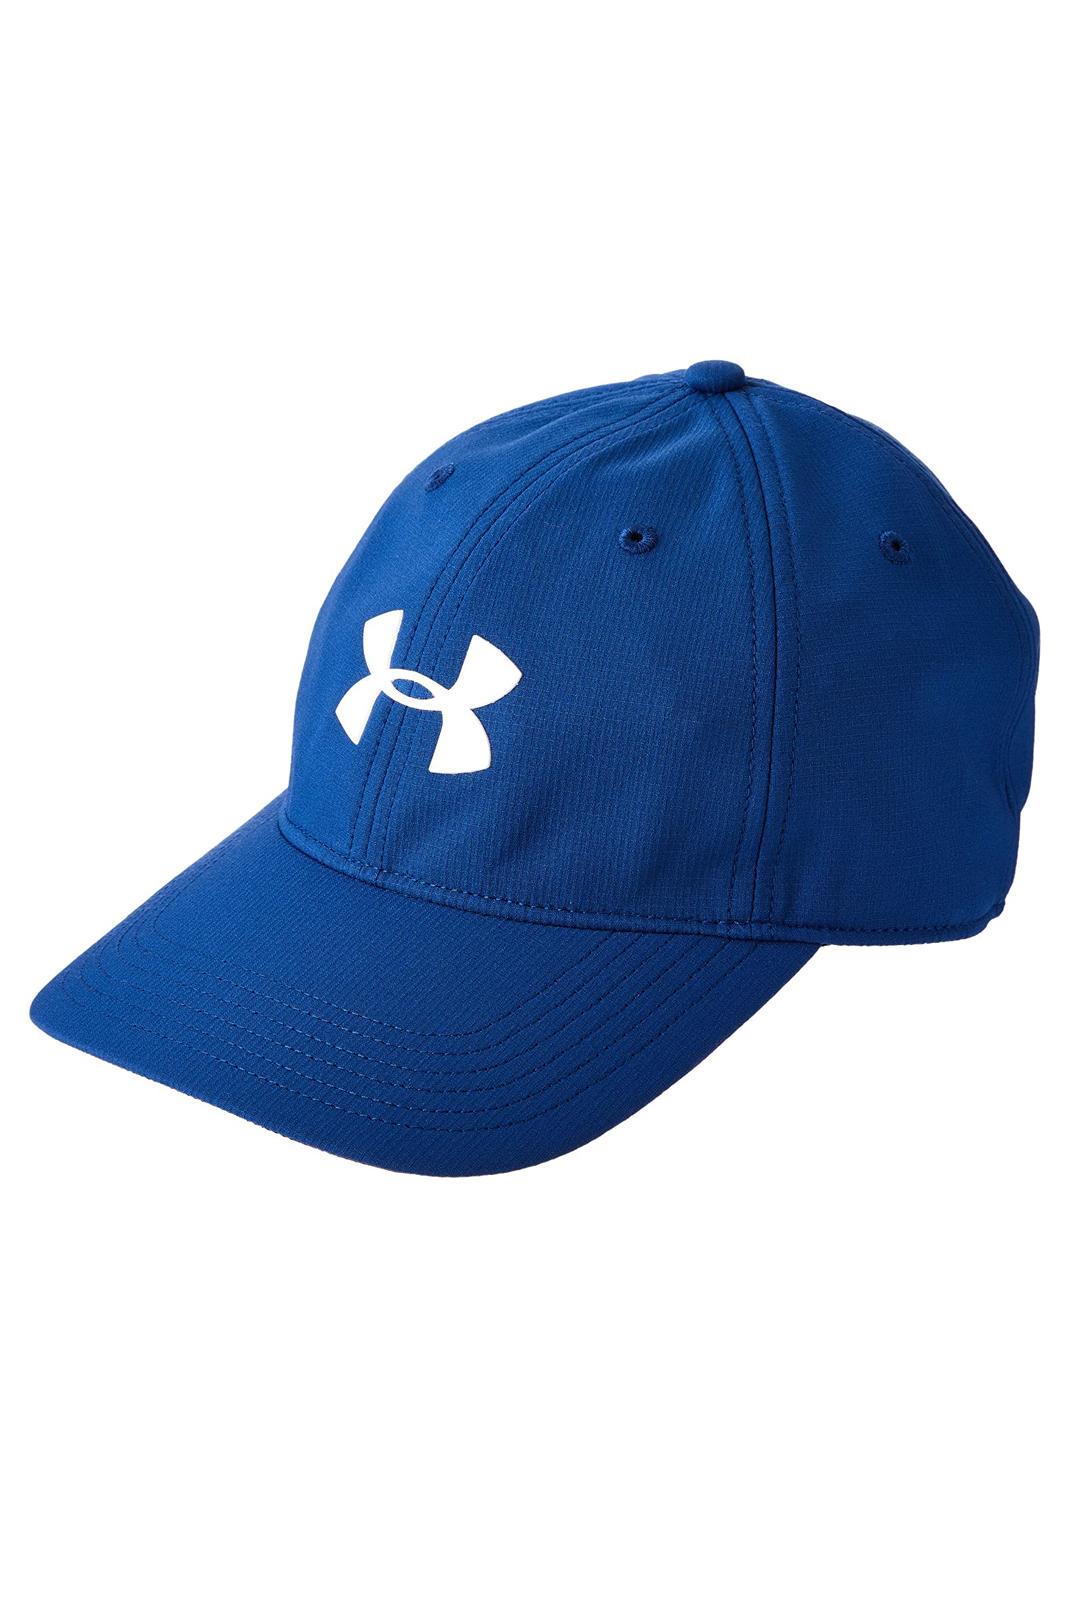 Bonnets / Casquettes  Under armour UA1351409 449-AMERICAN BLUE